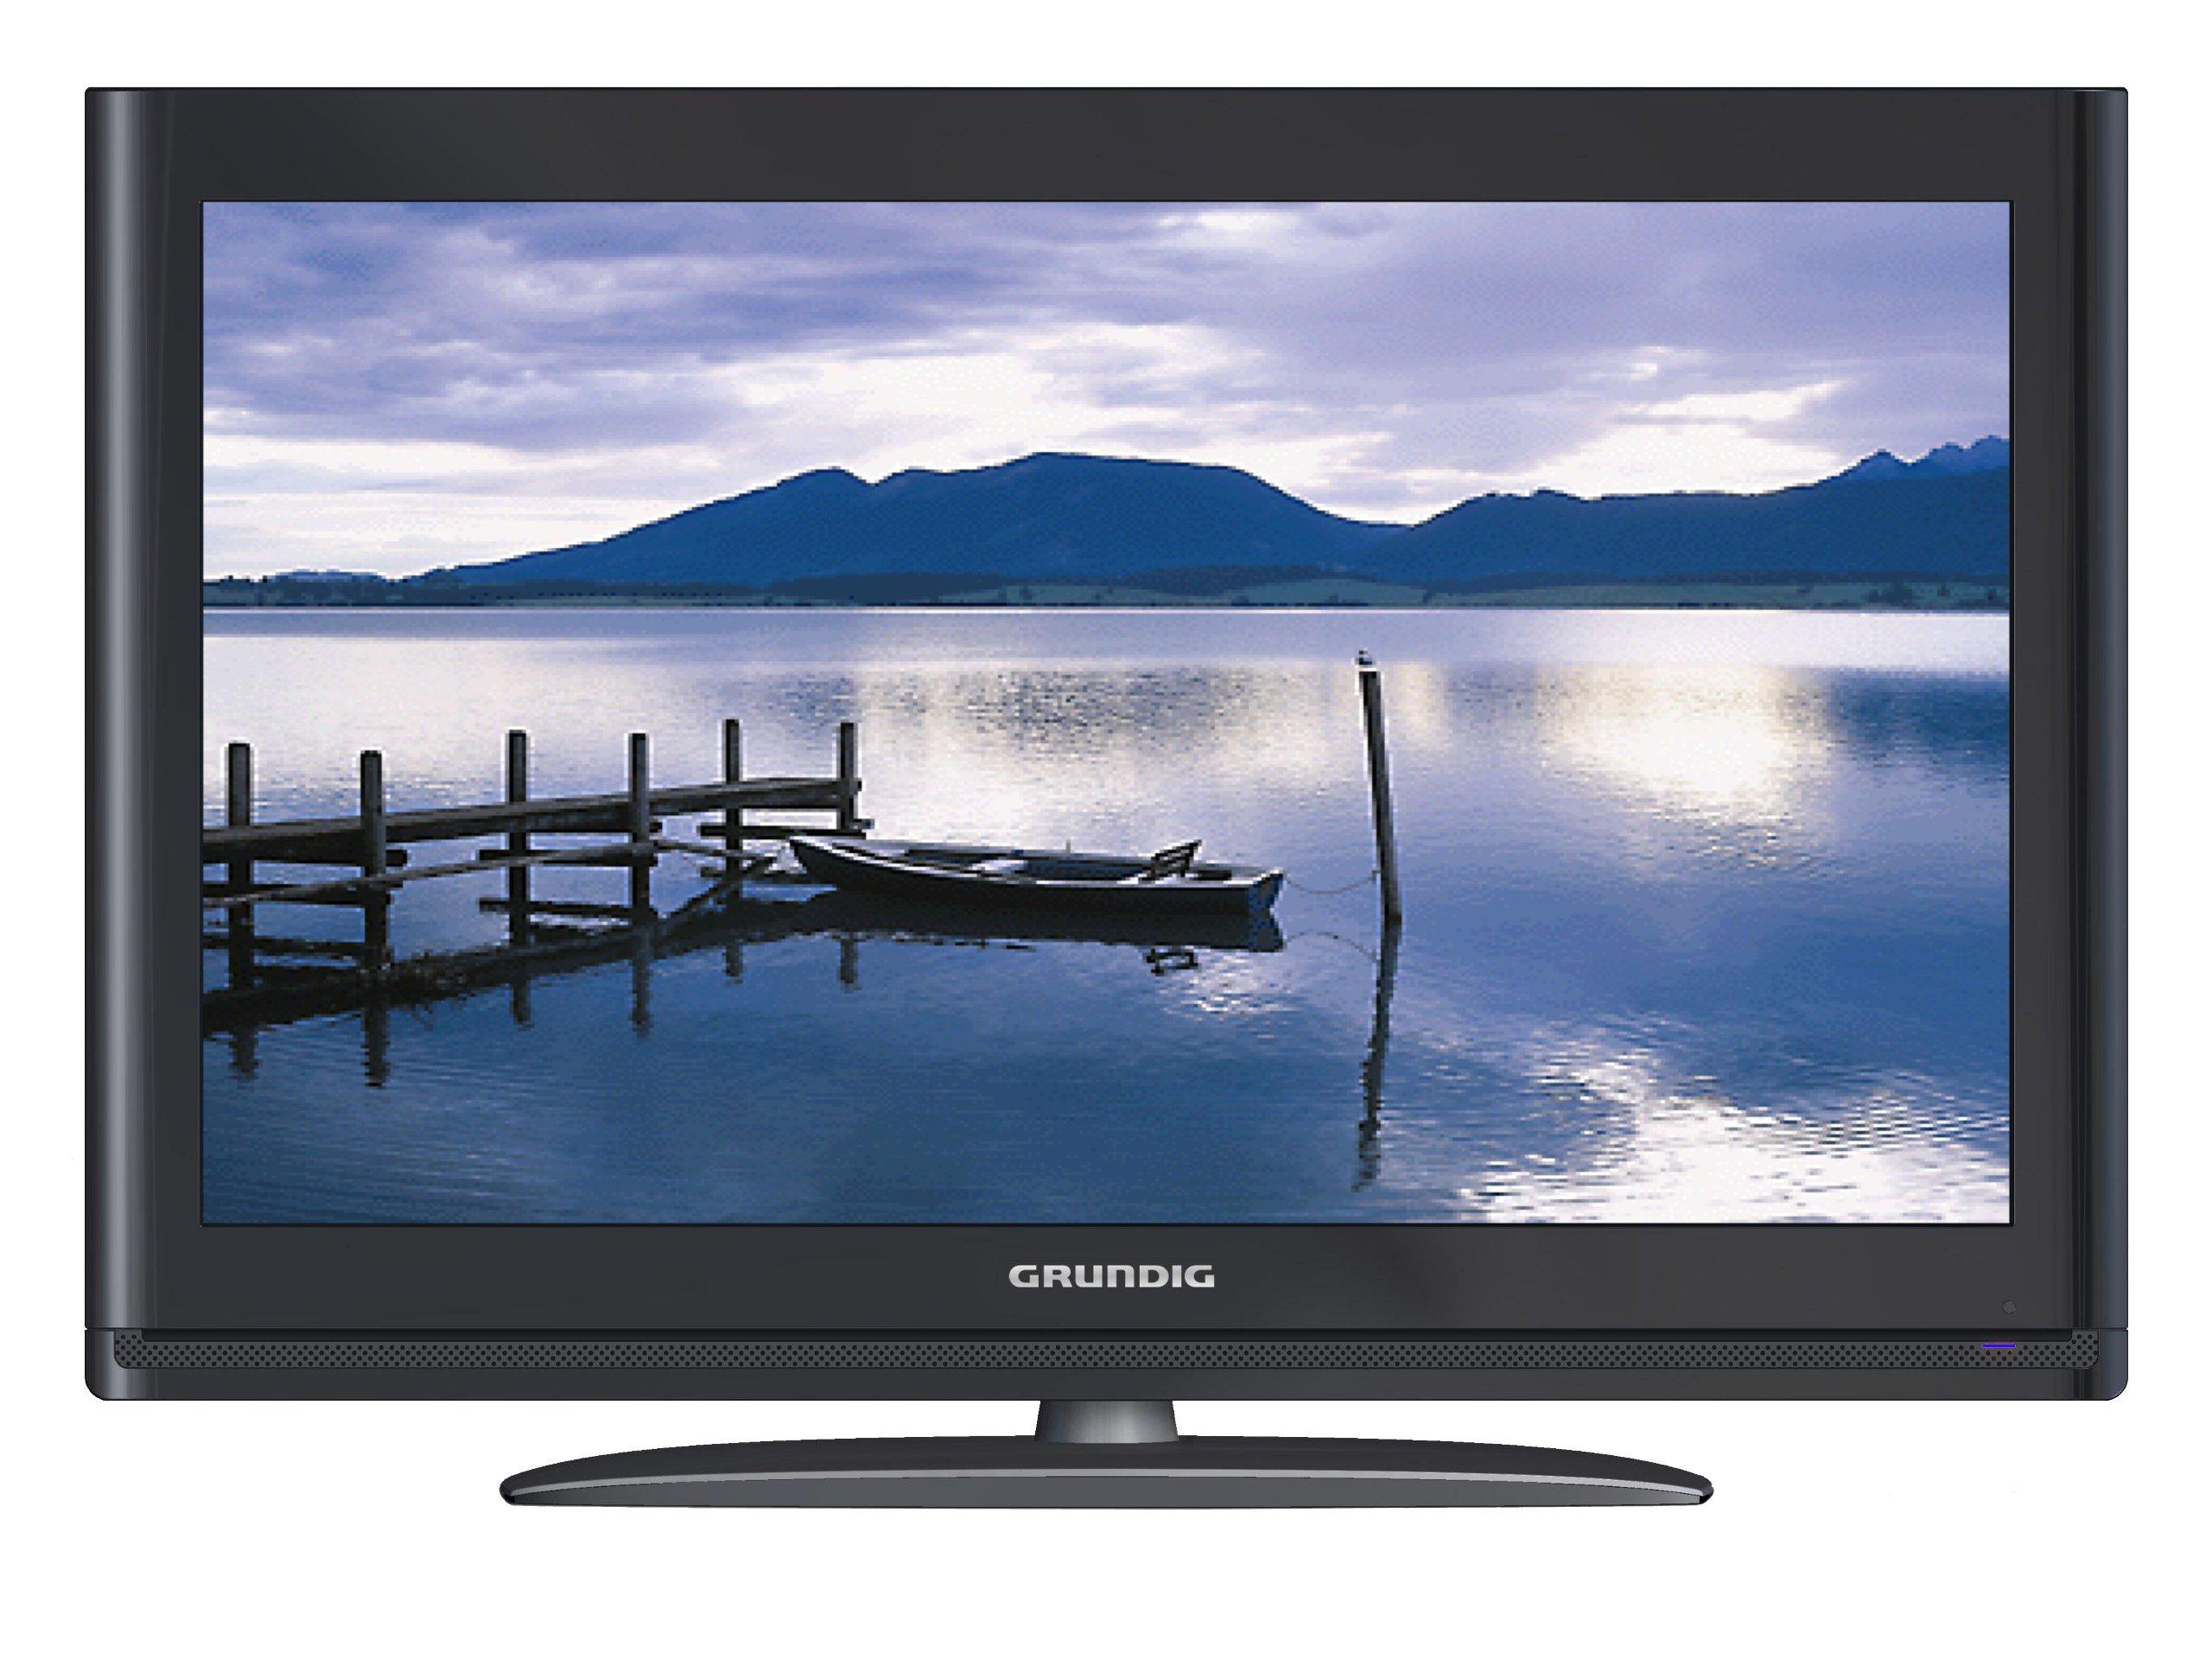 Grundig GBI2126 - Televisor LCD HD Ready 26 pulgadas: Amazon.es ...